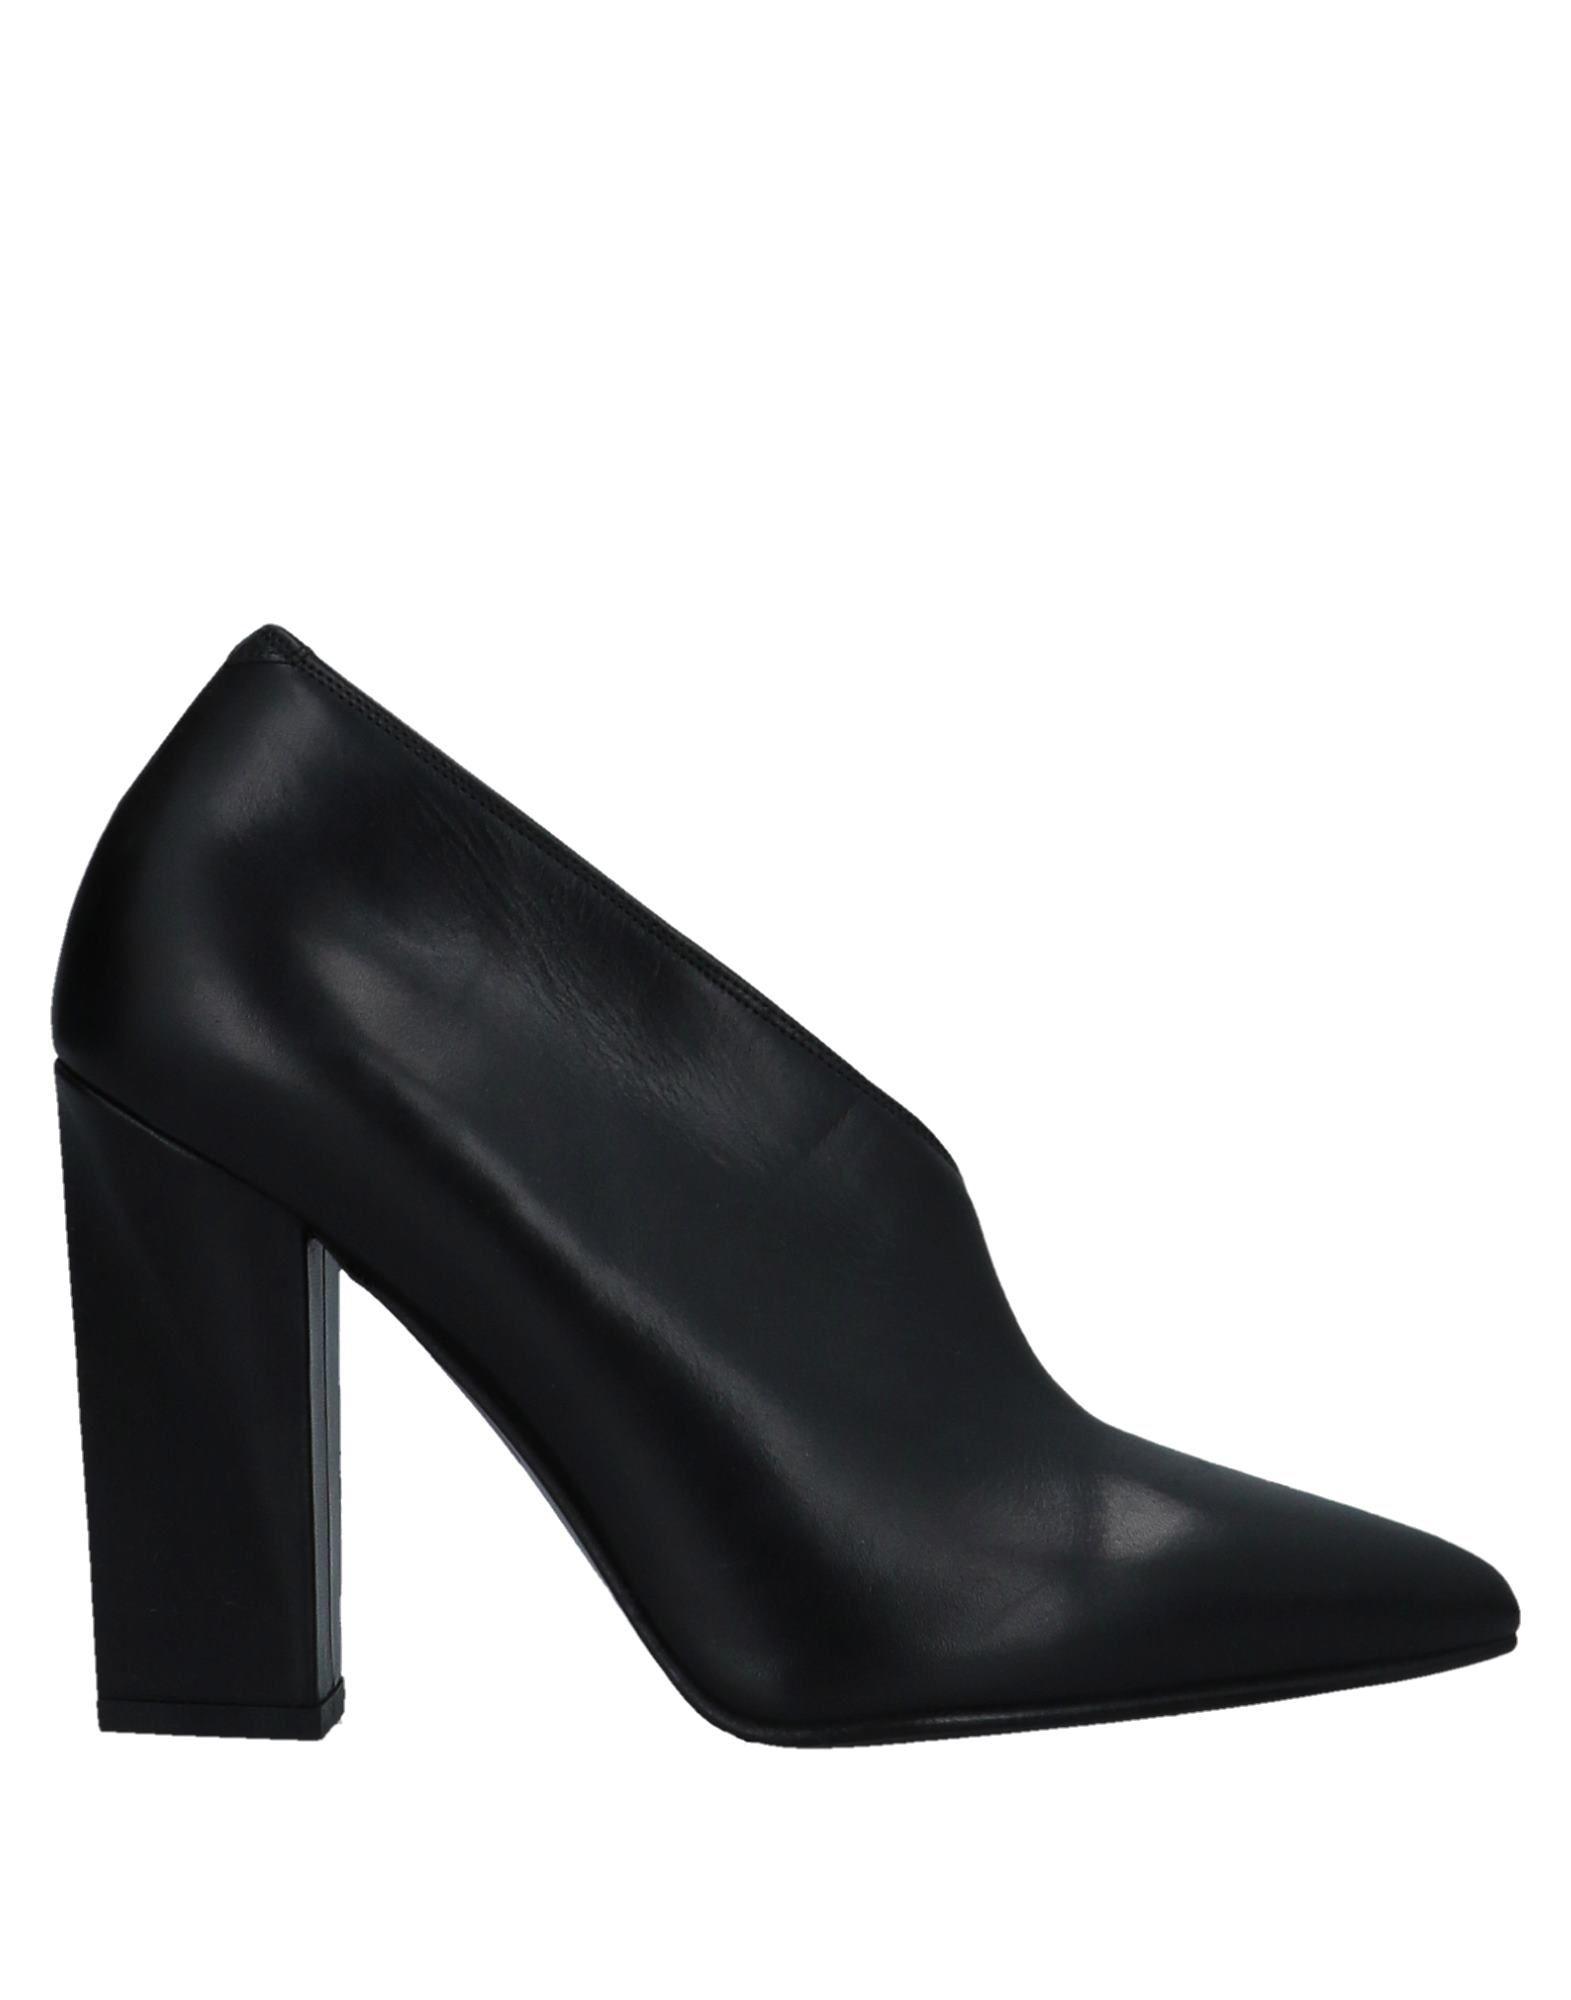 Albano Stiefelette Damen  11538557XJ Gute Qualität beliebte Schuhe